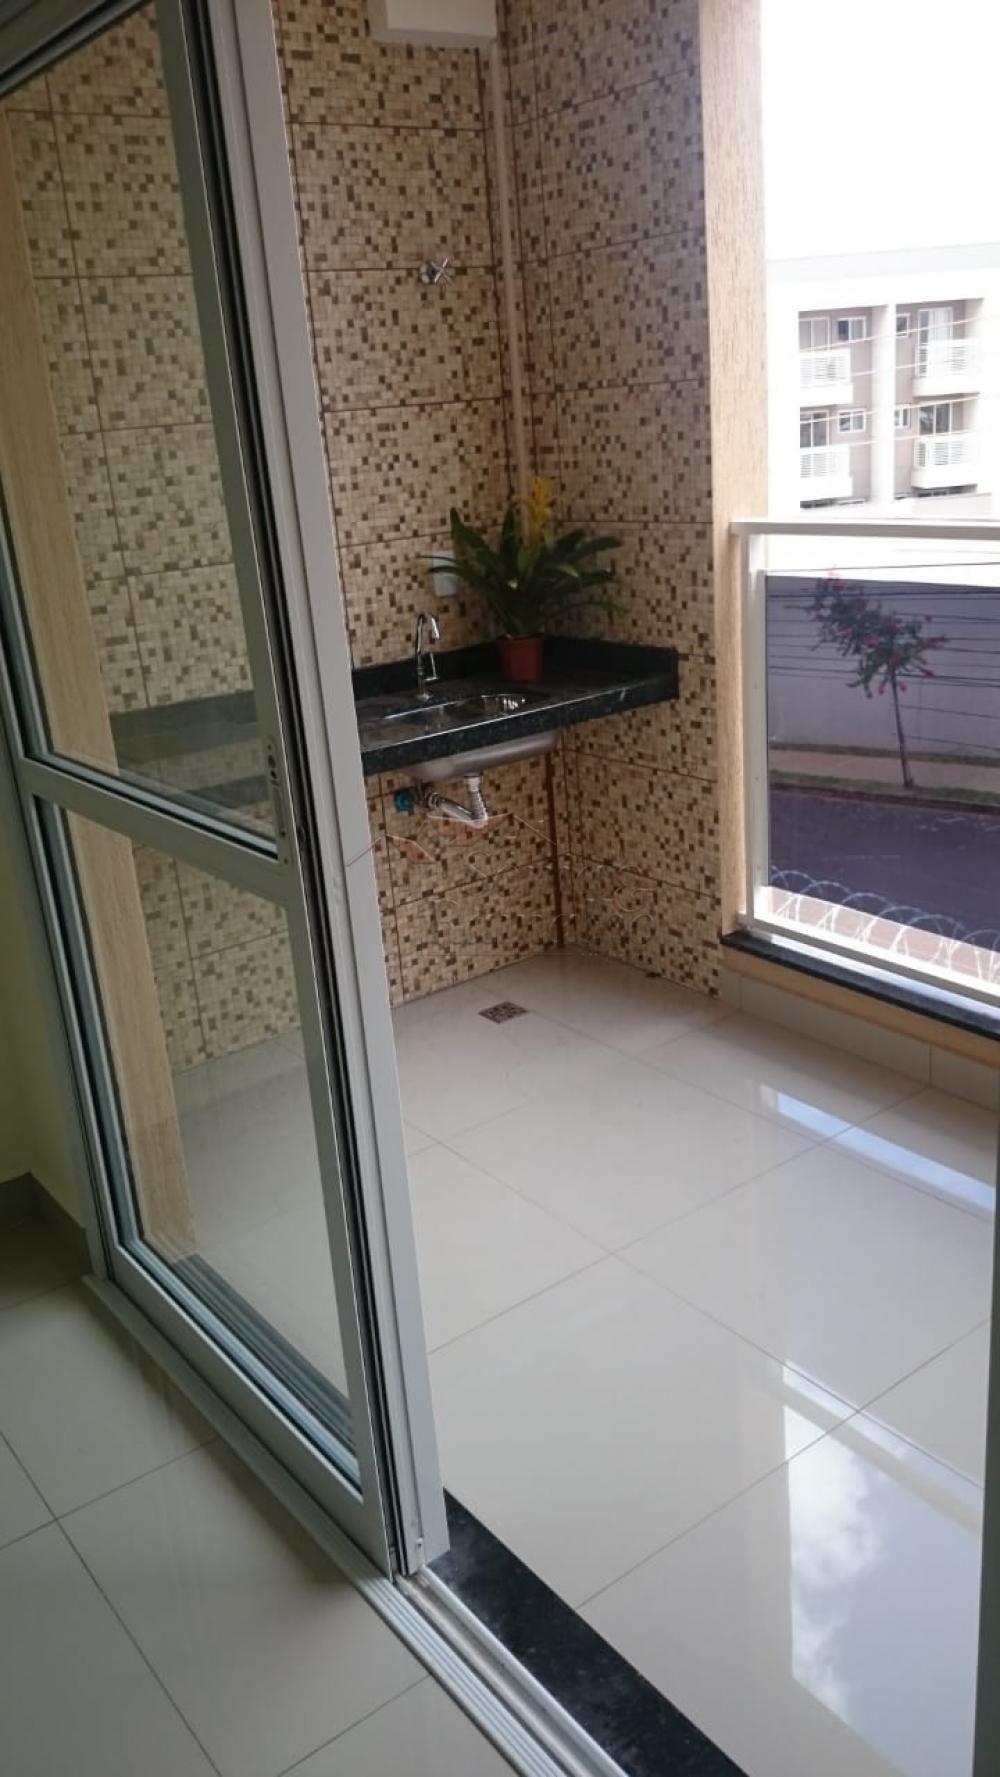 Comprar Apartamentos / Padrão em Ribeirão Preto apenas R$ 298.000,00 - Foto 4